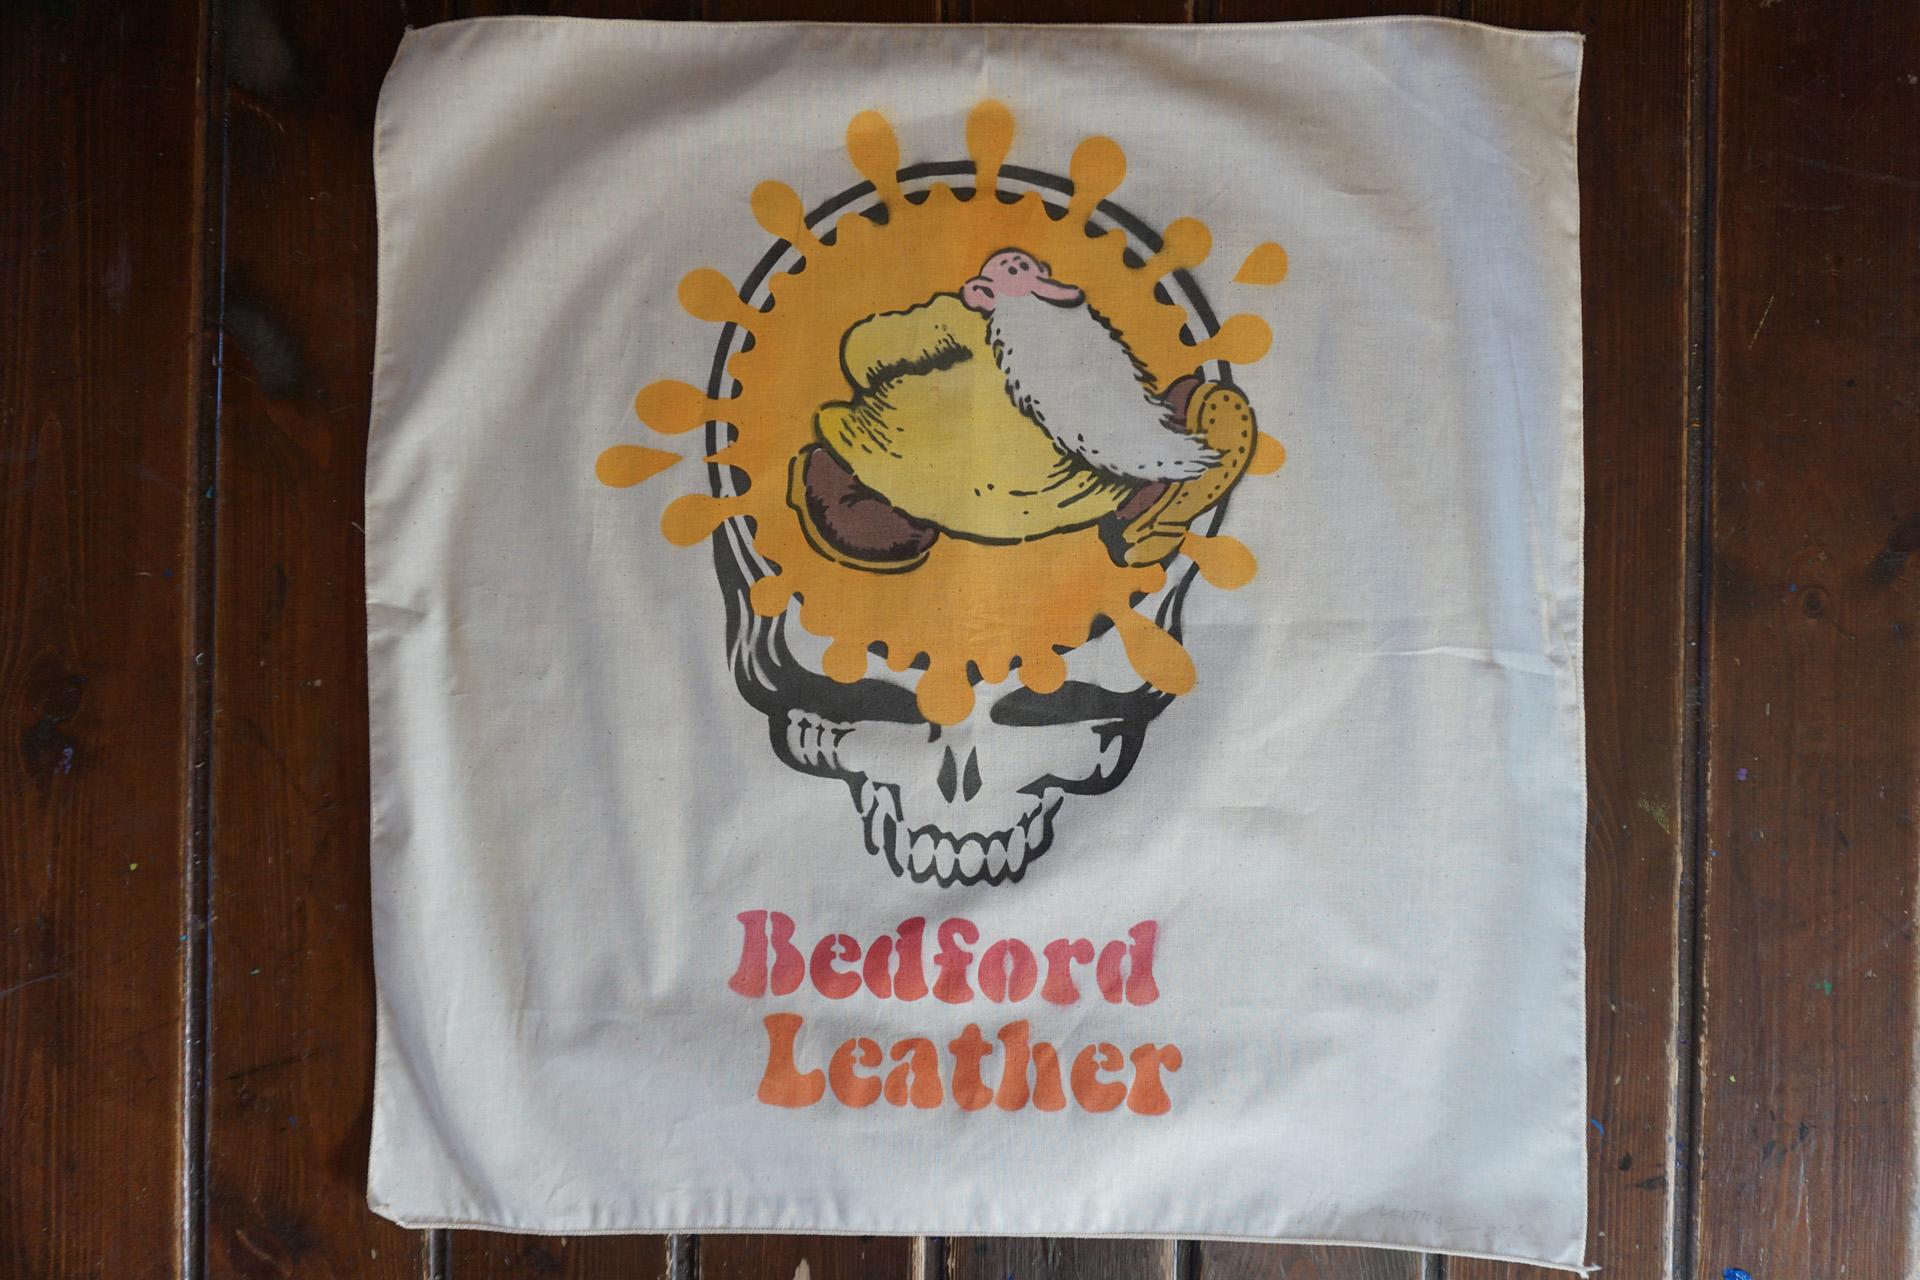 ベッドフォードレザー BedfordLeather @bedfordleather ニュートラル neutral ステンシル